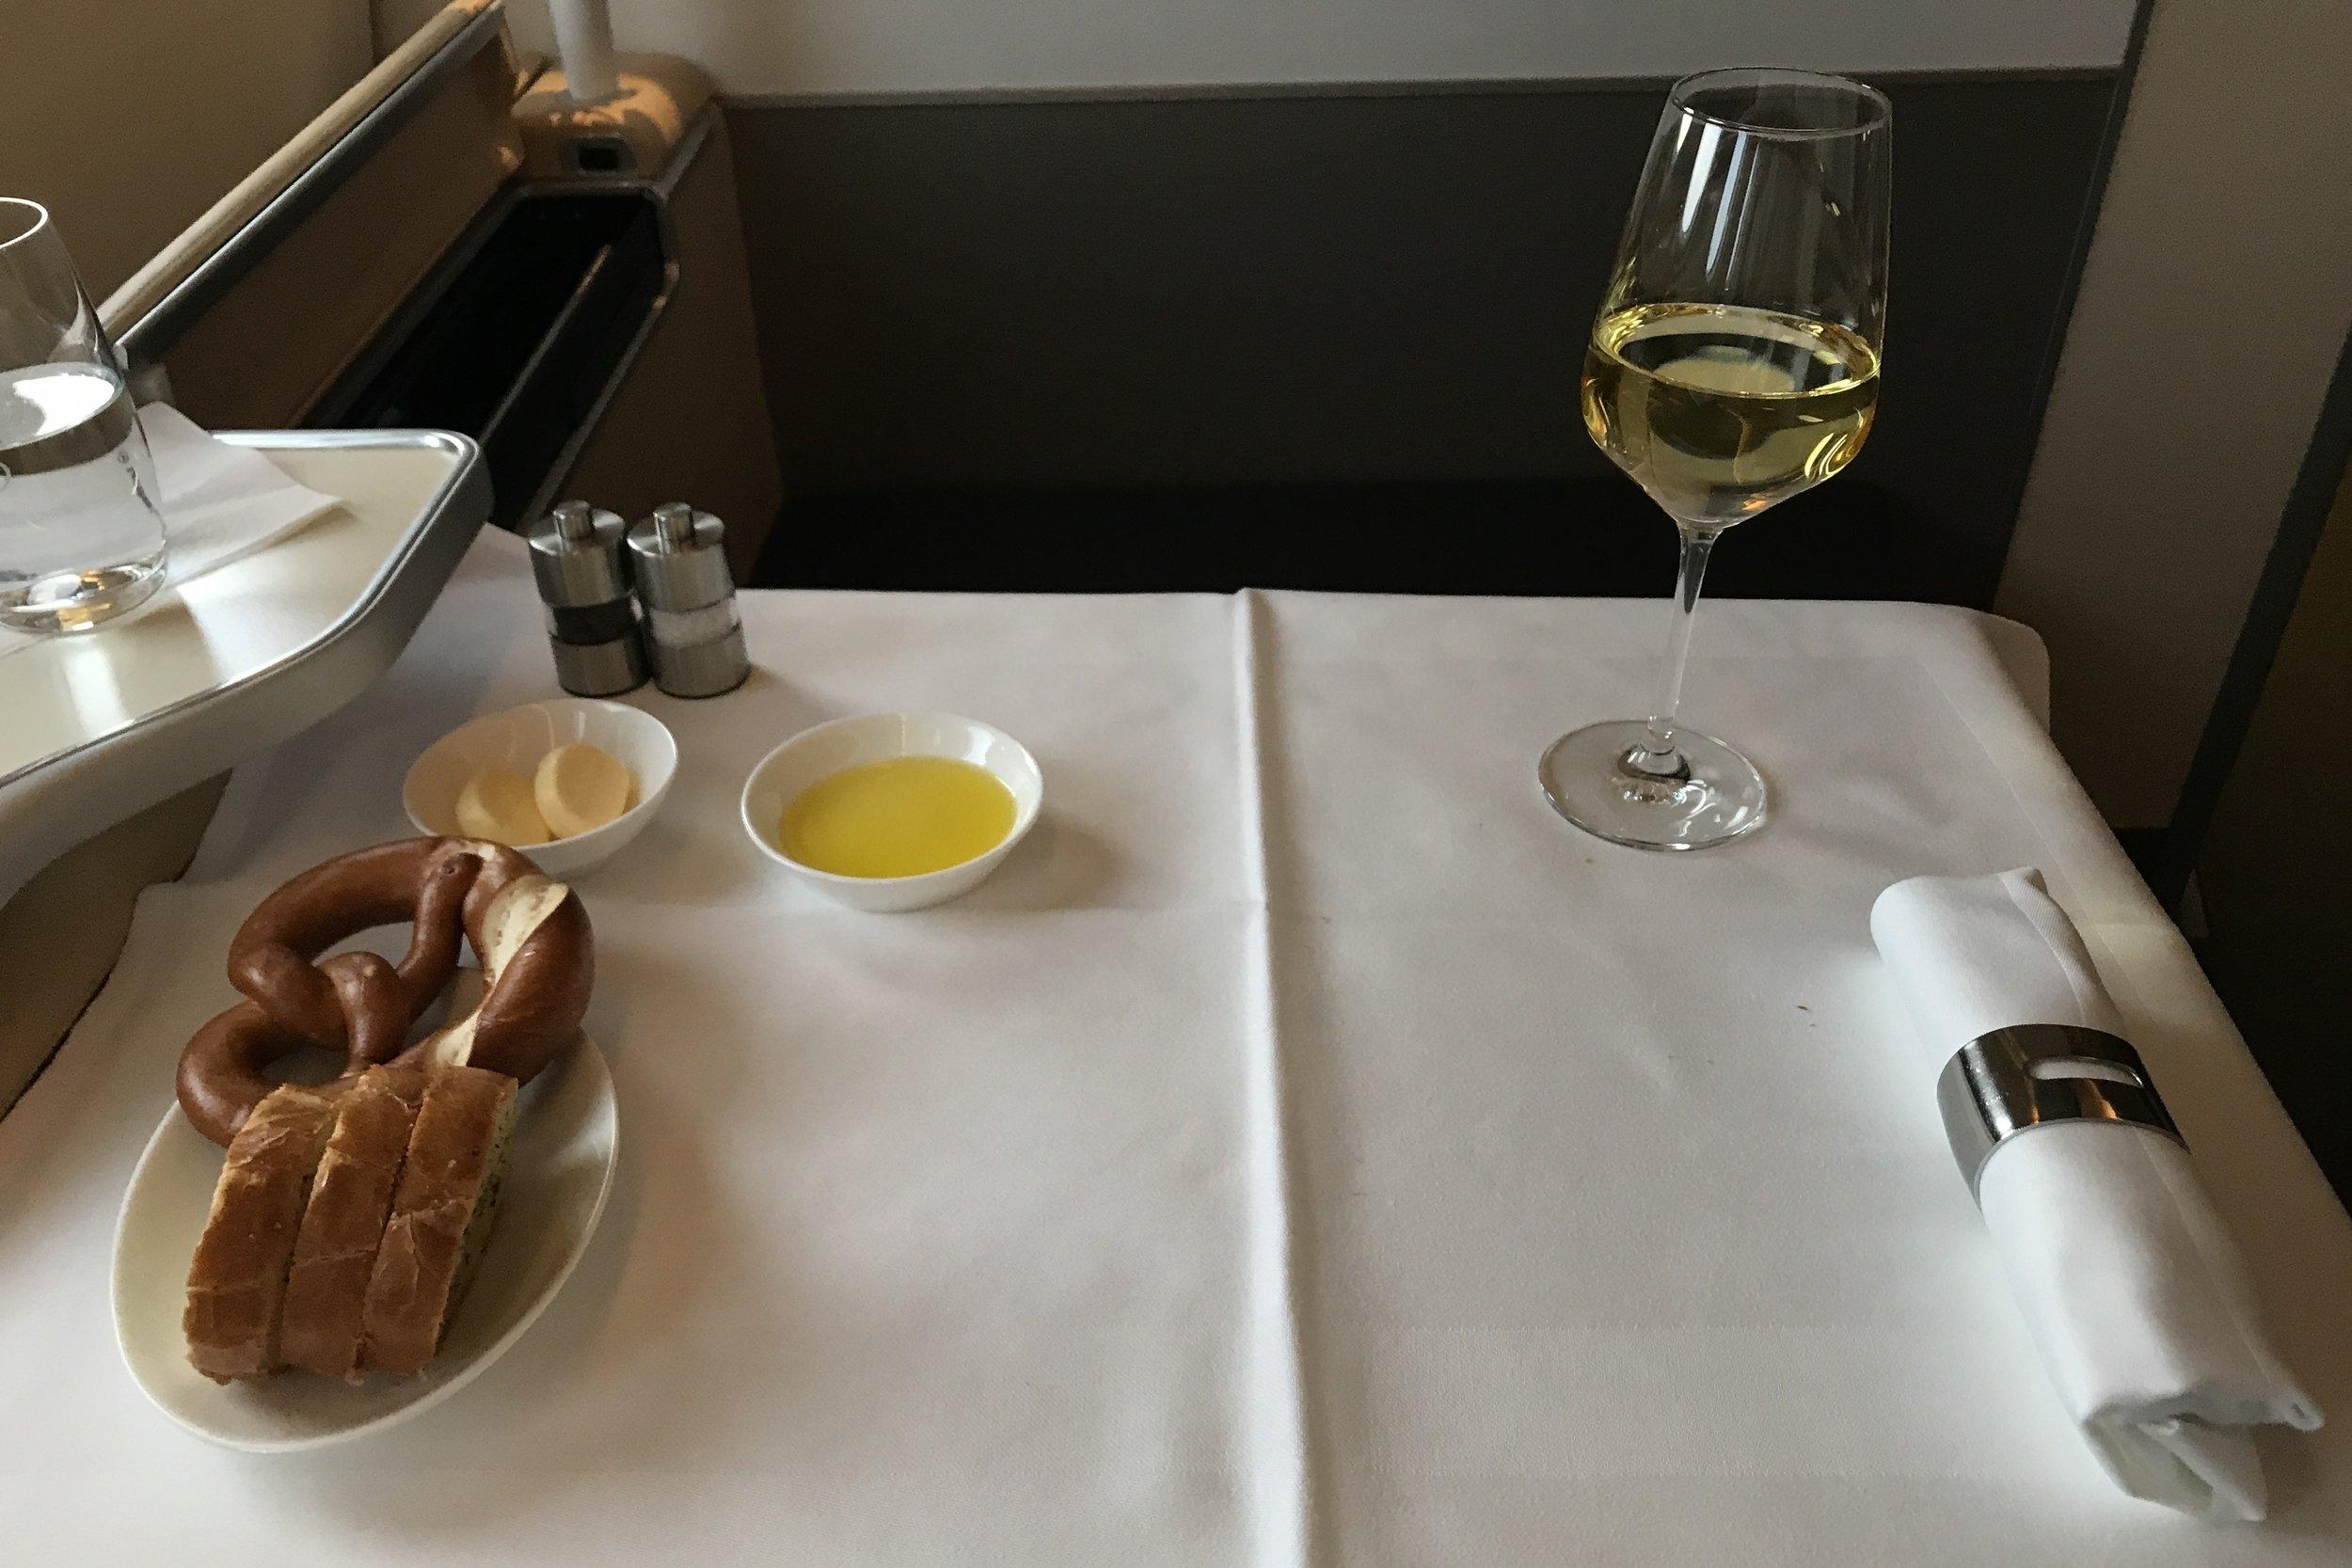 Lufthansa First Class – Dinner service